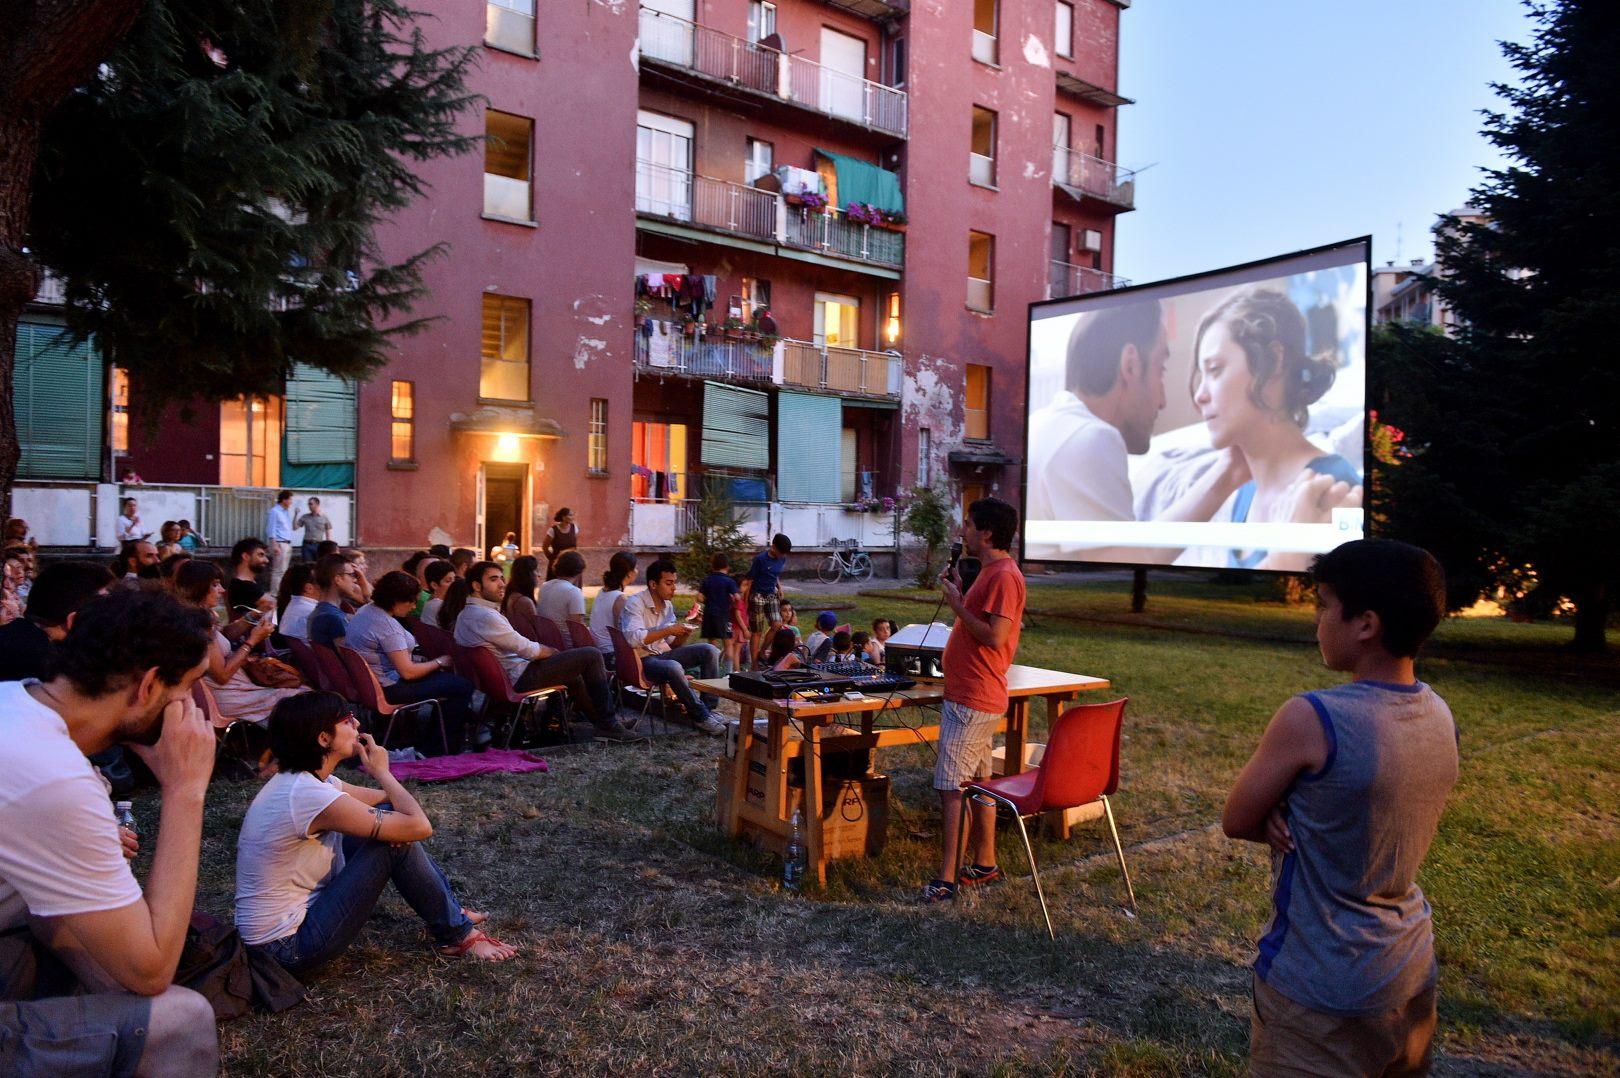 Dal 2012 il Laboratorio di Quartiere Giambellino-Lorenteggio organizza proiezioni cinematografiche nei cortili dei caseggiati popolari. Il nostro racconto